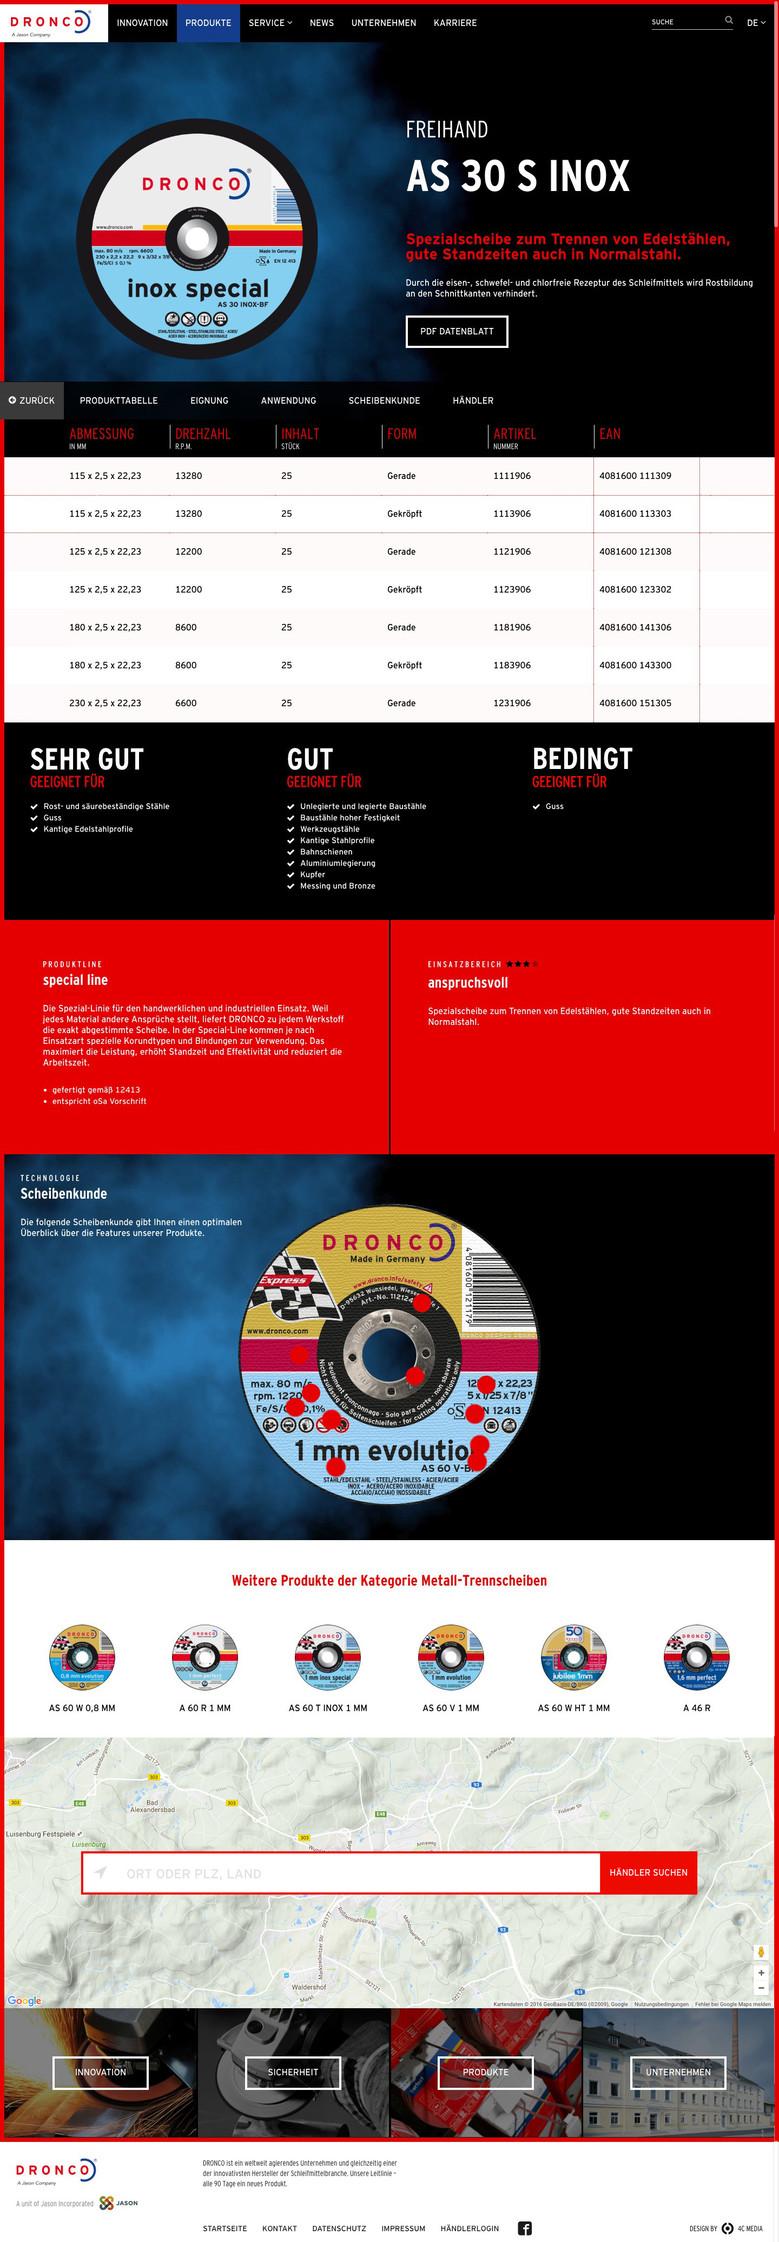 Die Produktdetailseite versorgt mit detaillierten Informationen